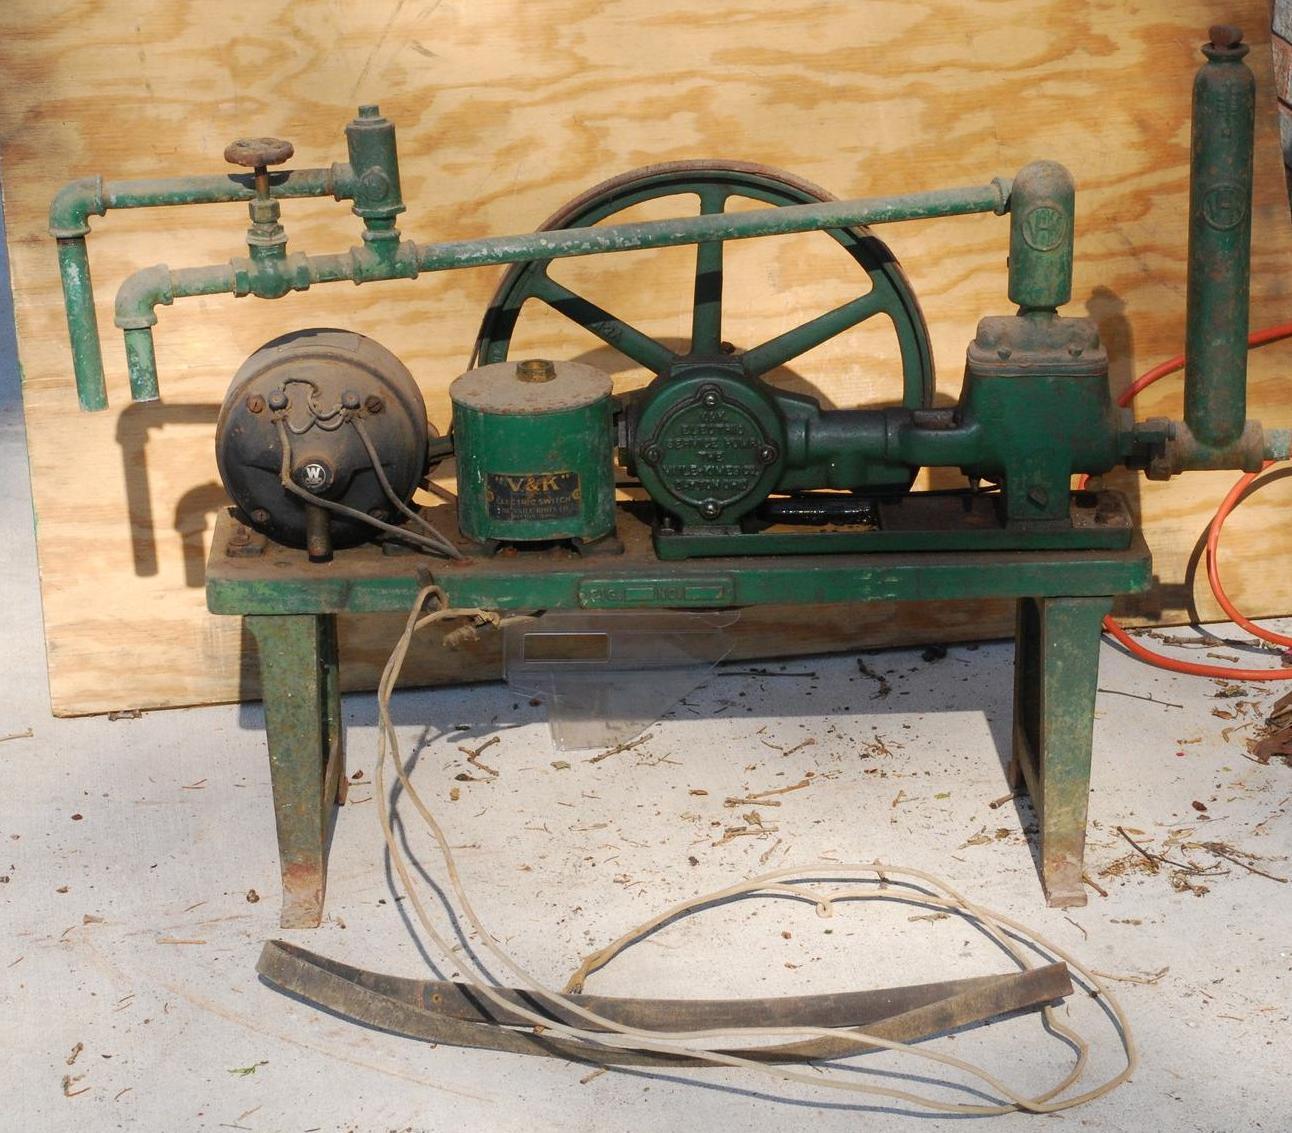 80 Year Old Waterpump That Still Works